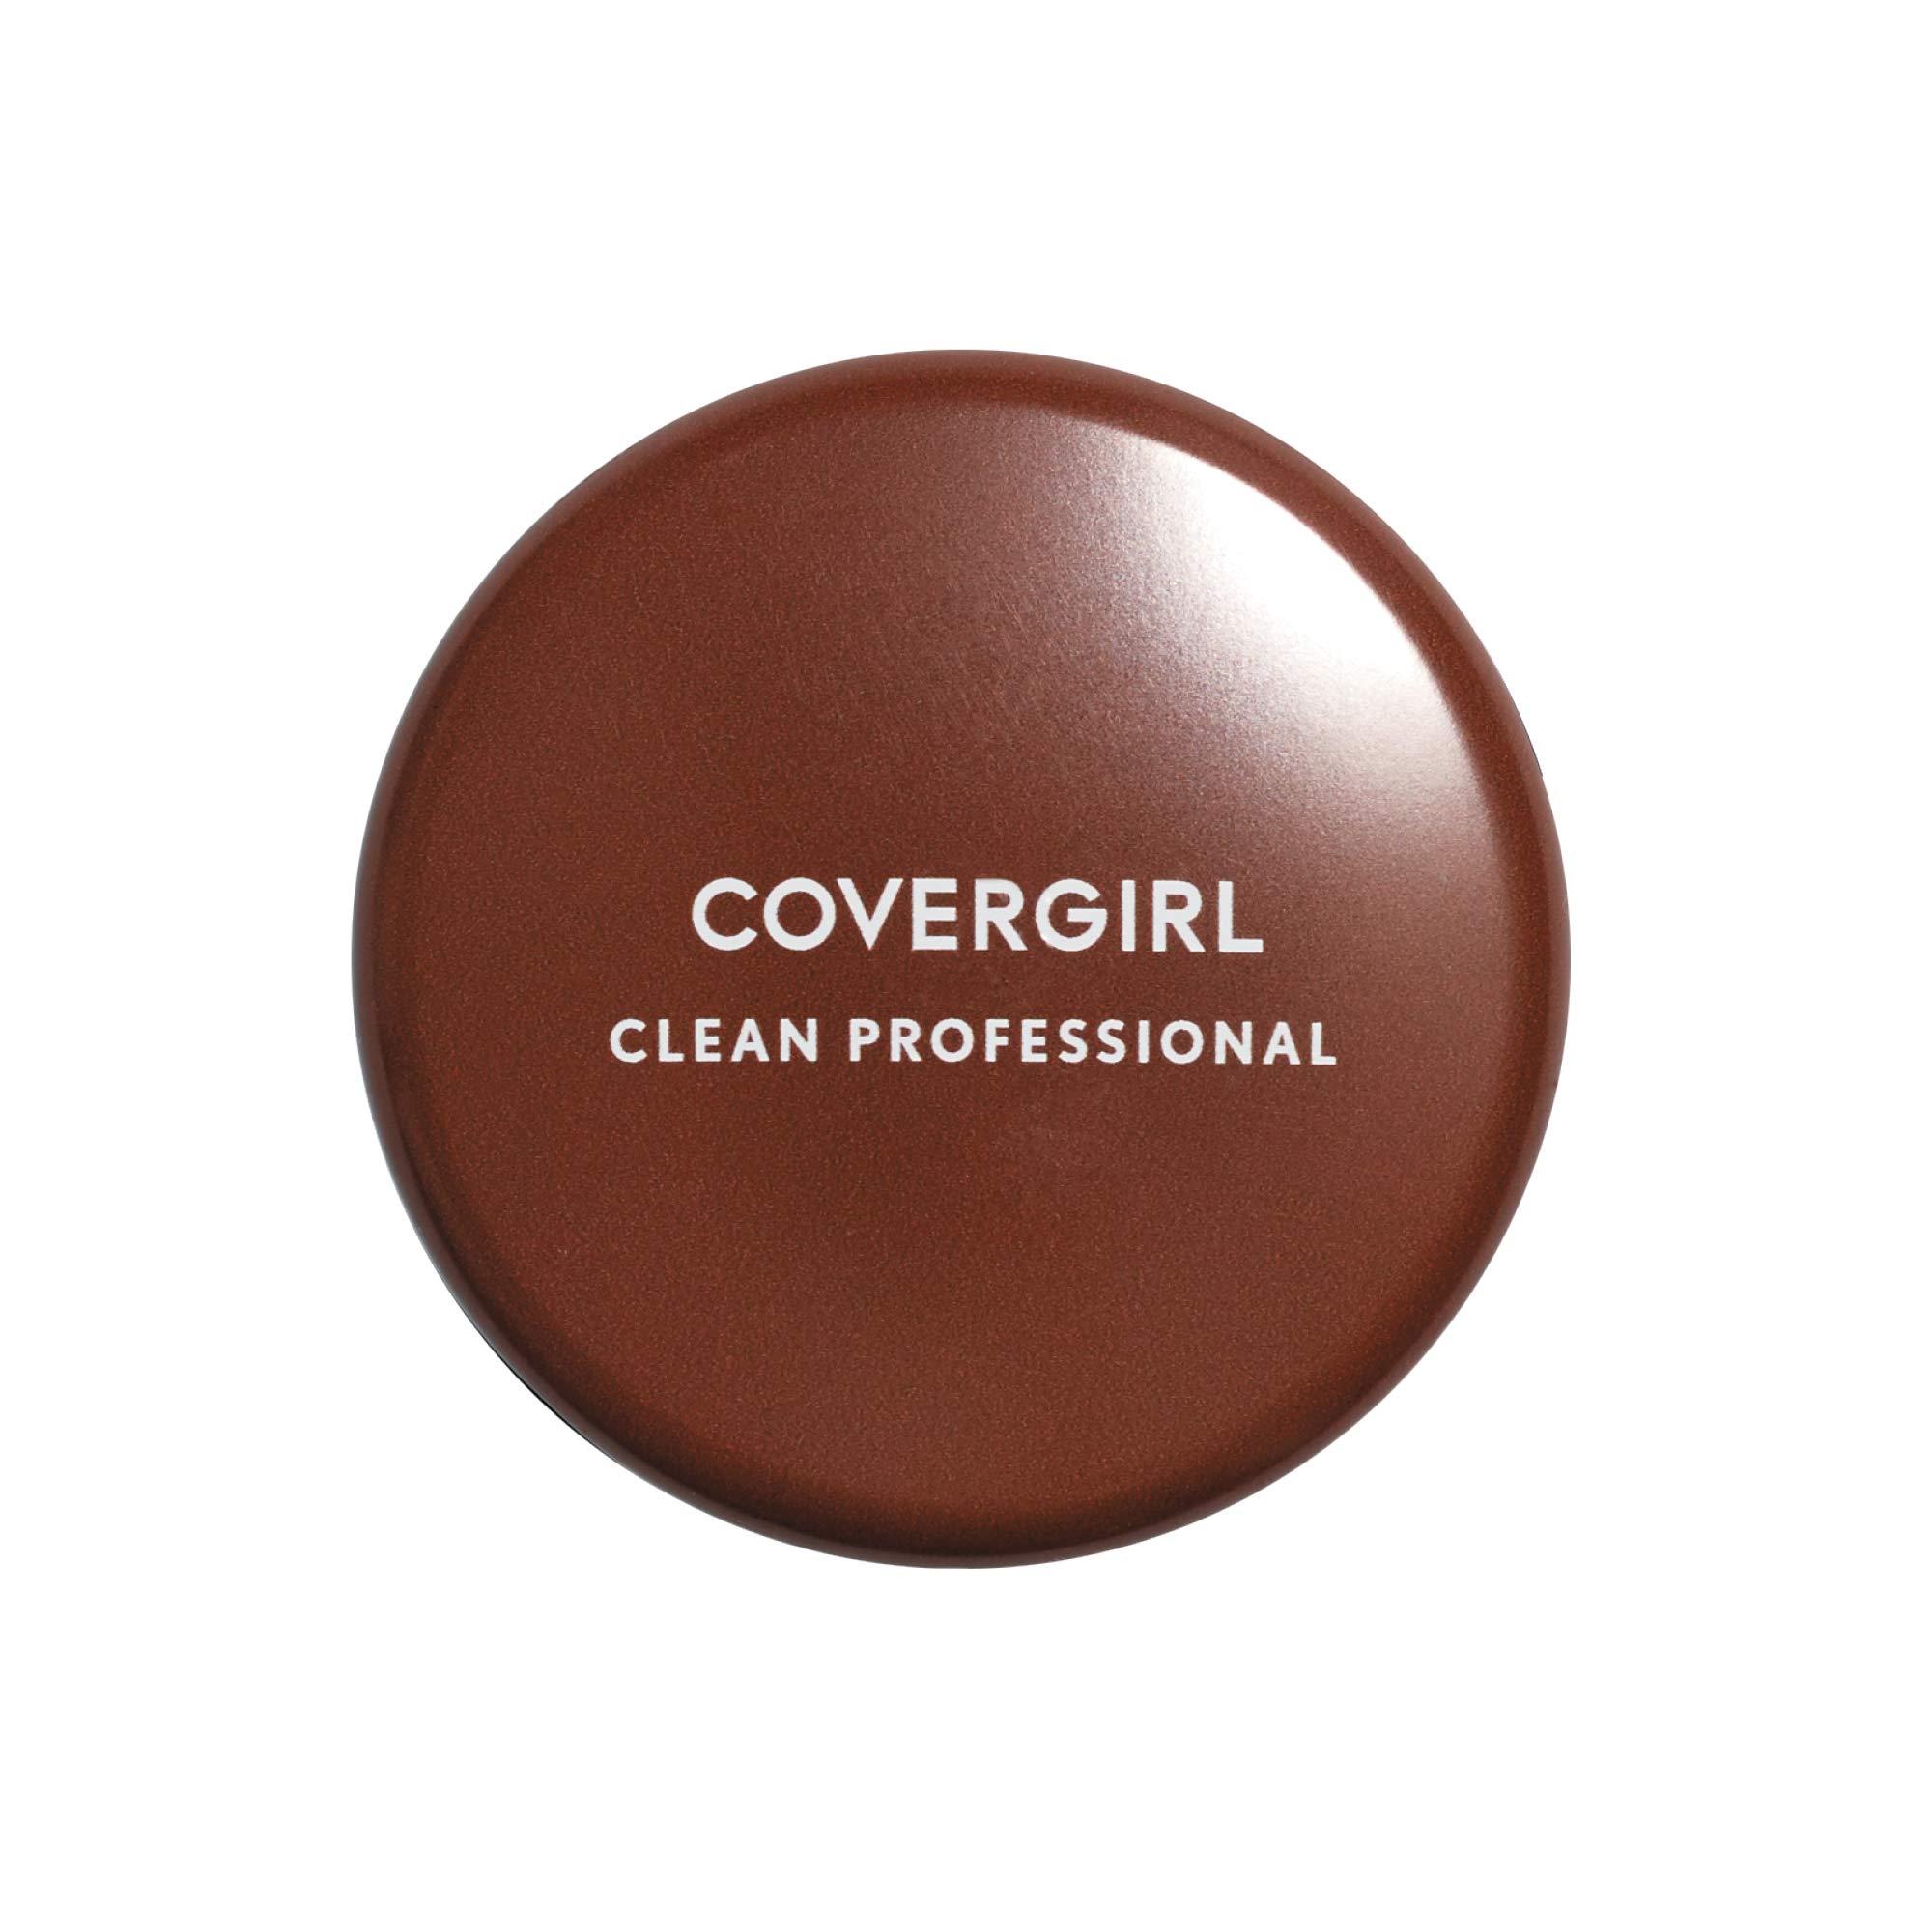 CoverGirl Professional Loose Powder, Translucent Medium [115] 0.70 oz (Pack of 2)